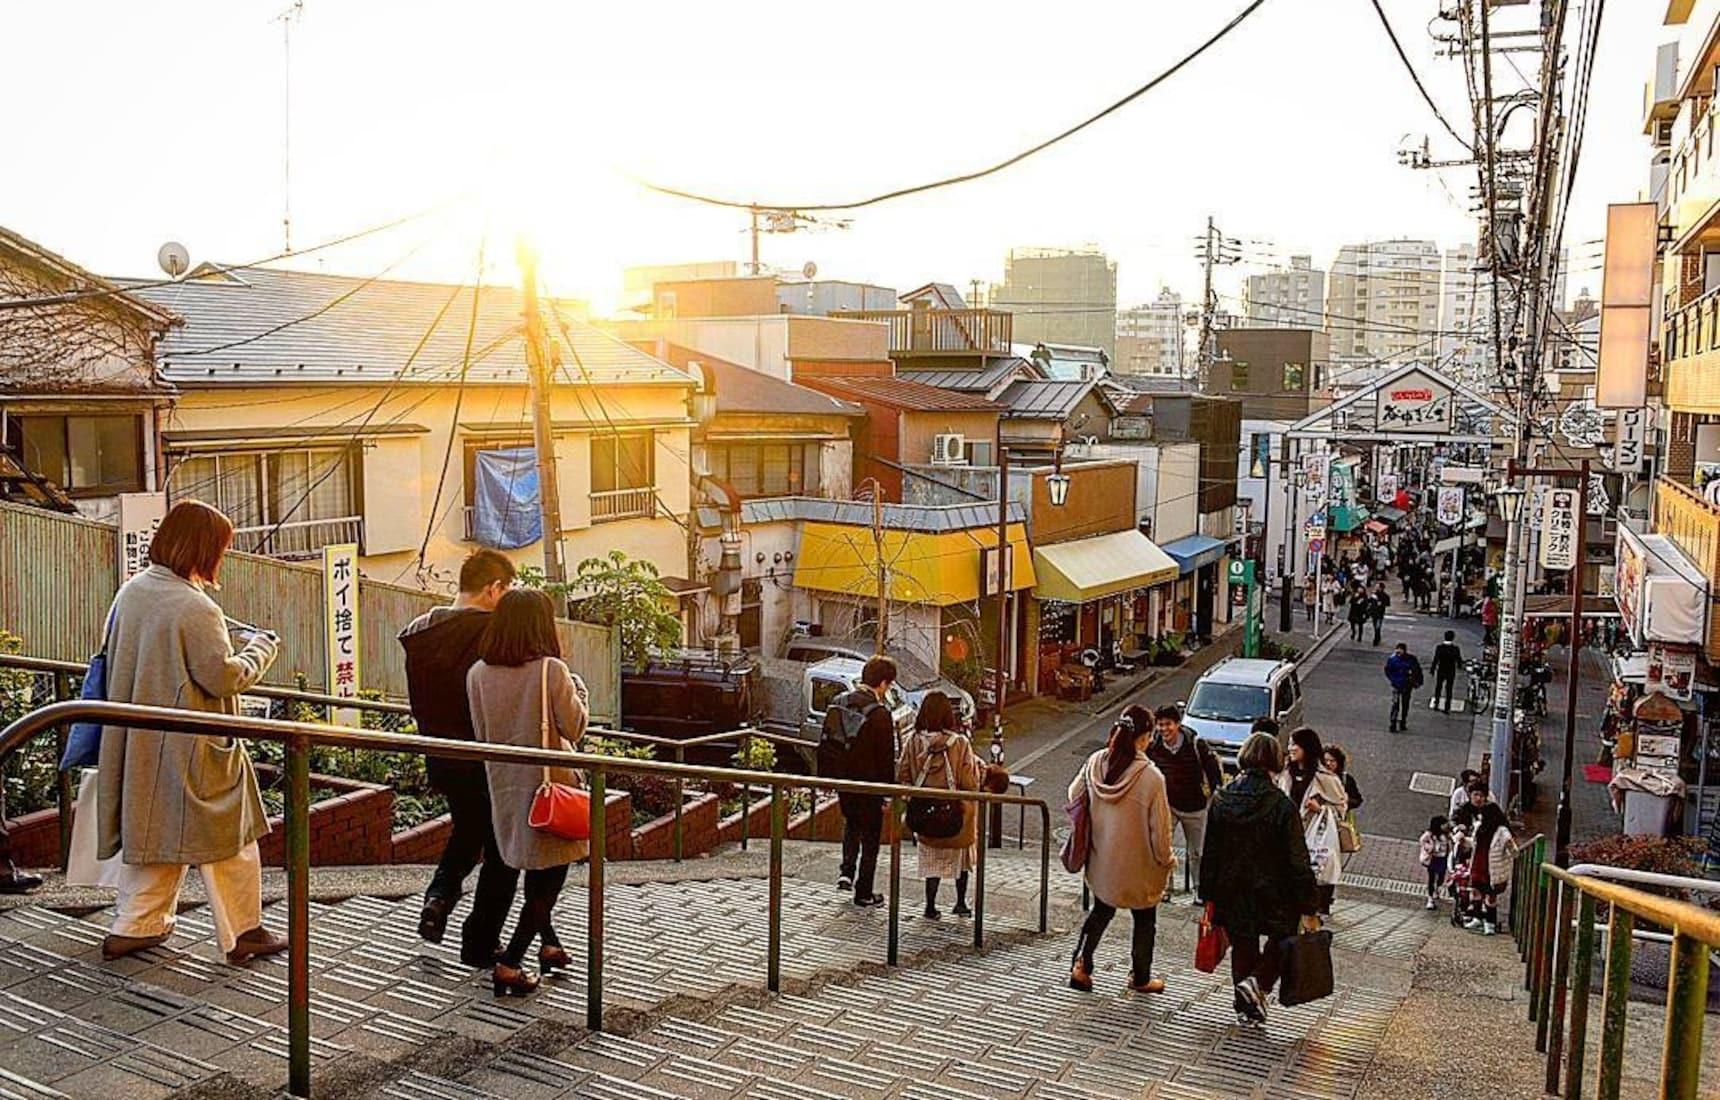 【東京自由行】吃遍濃厚人情味!制霸東京商店街